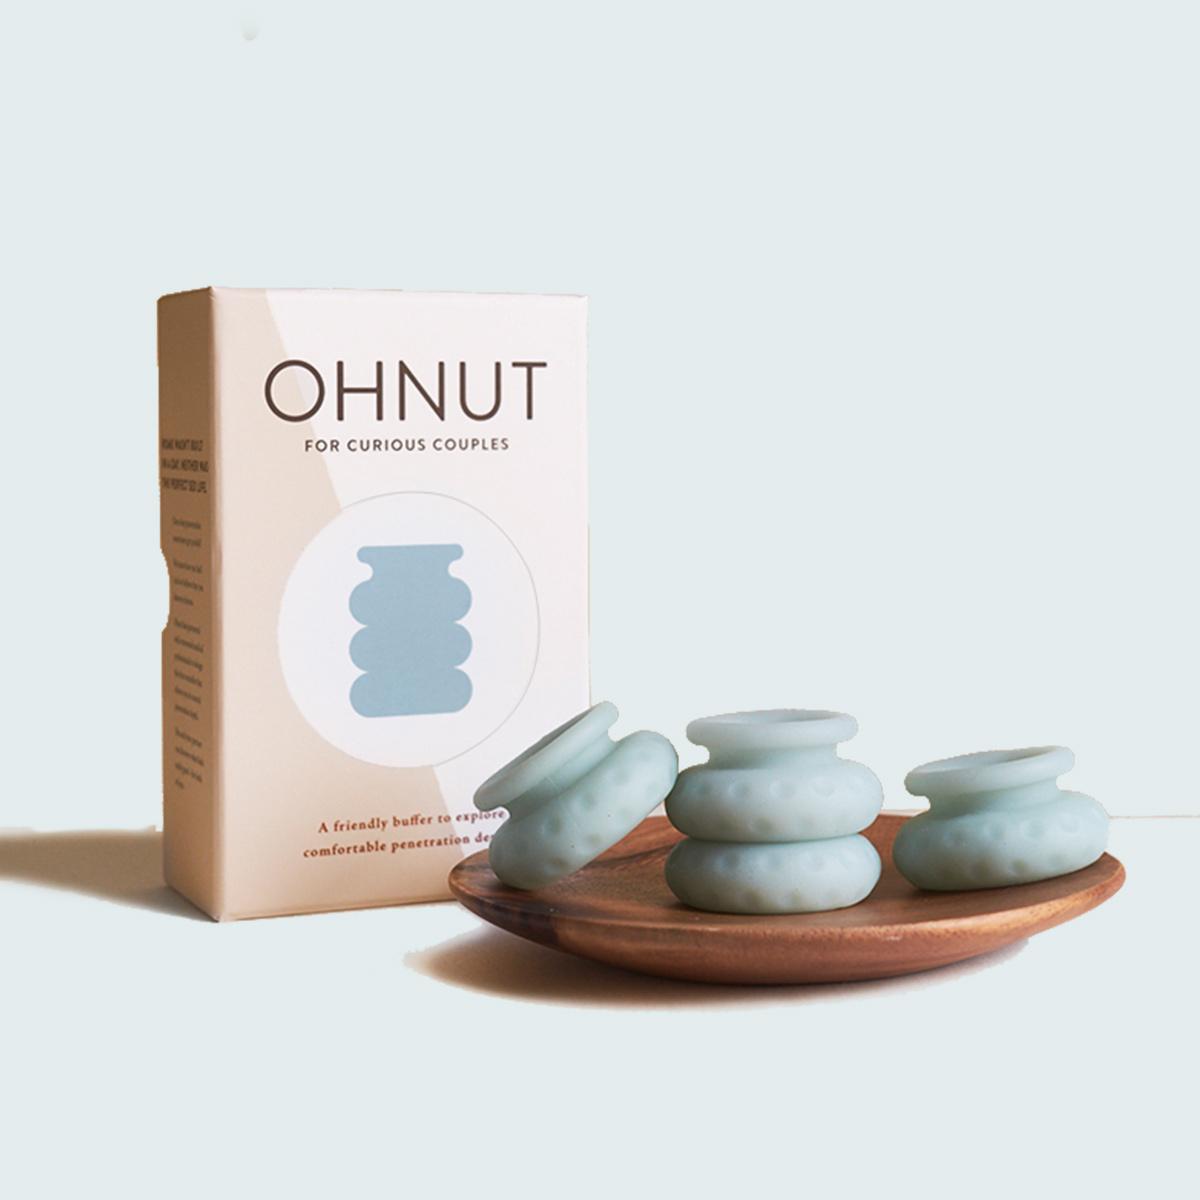 【Ohnut】性交痛を軽減するもちもちリング